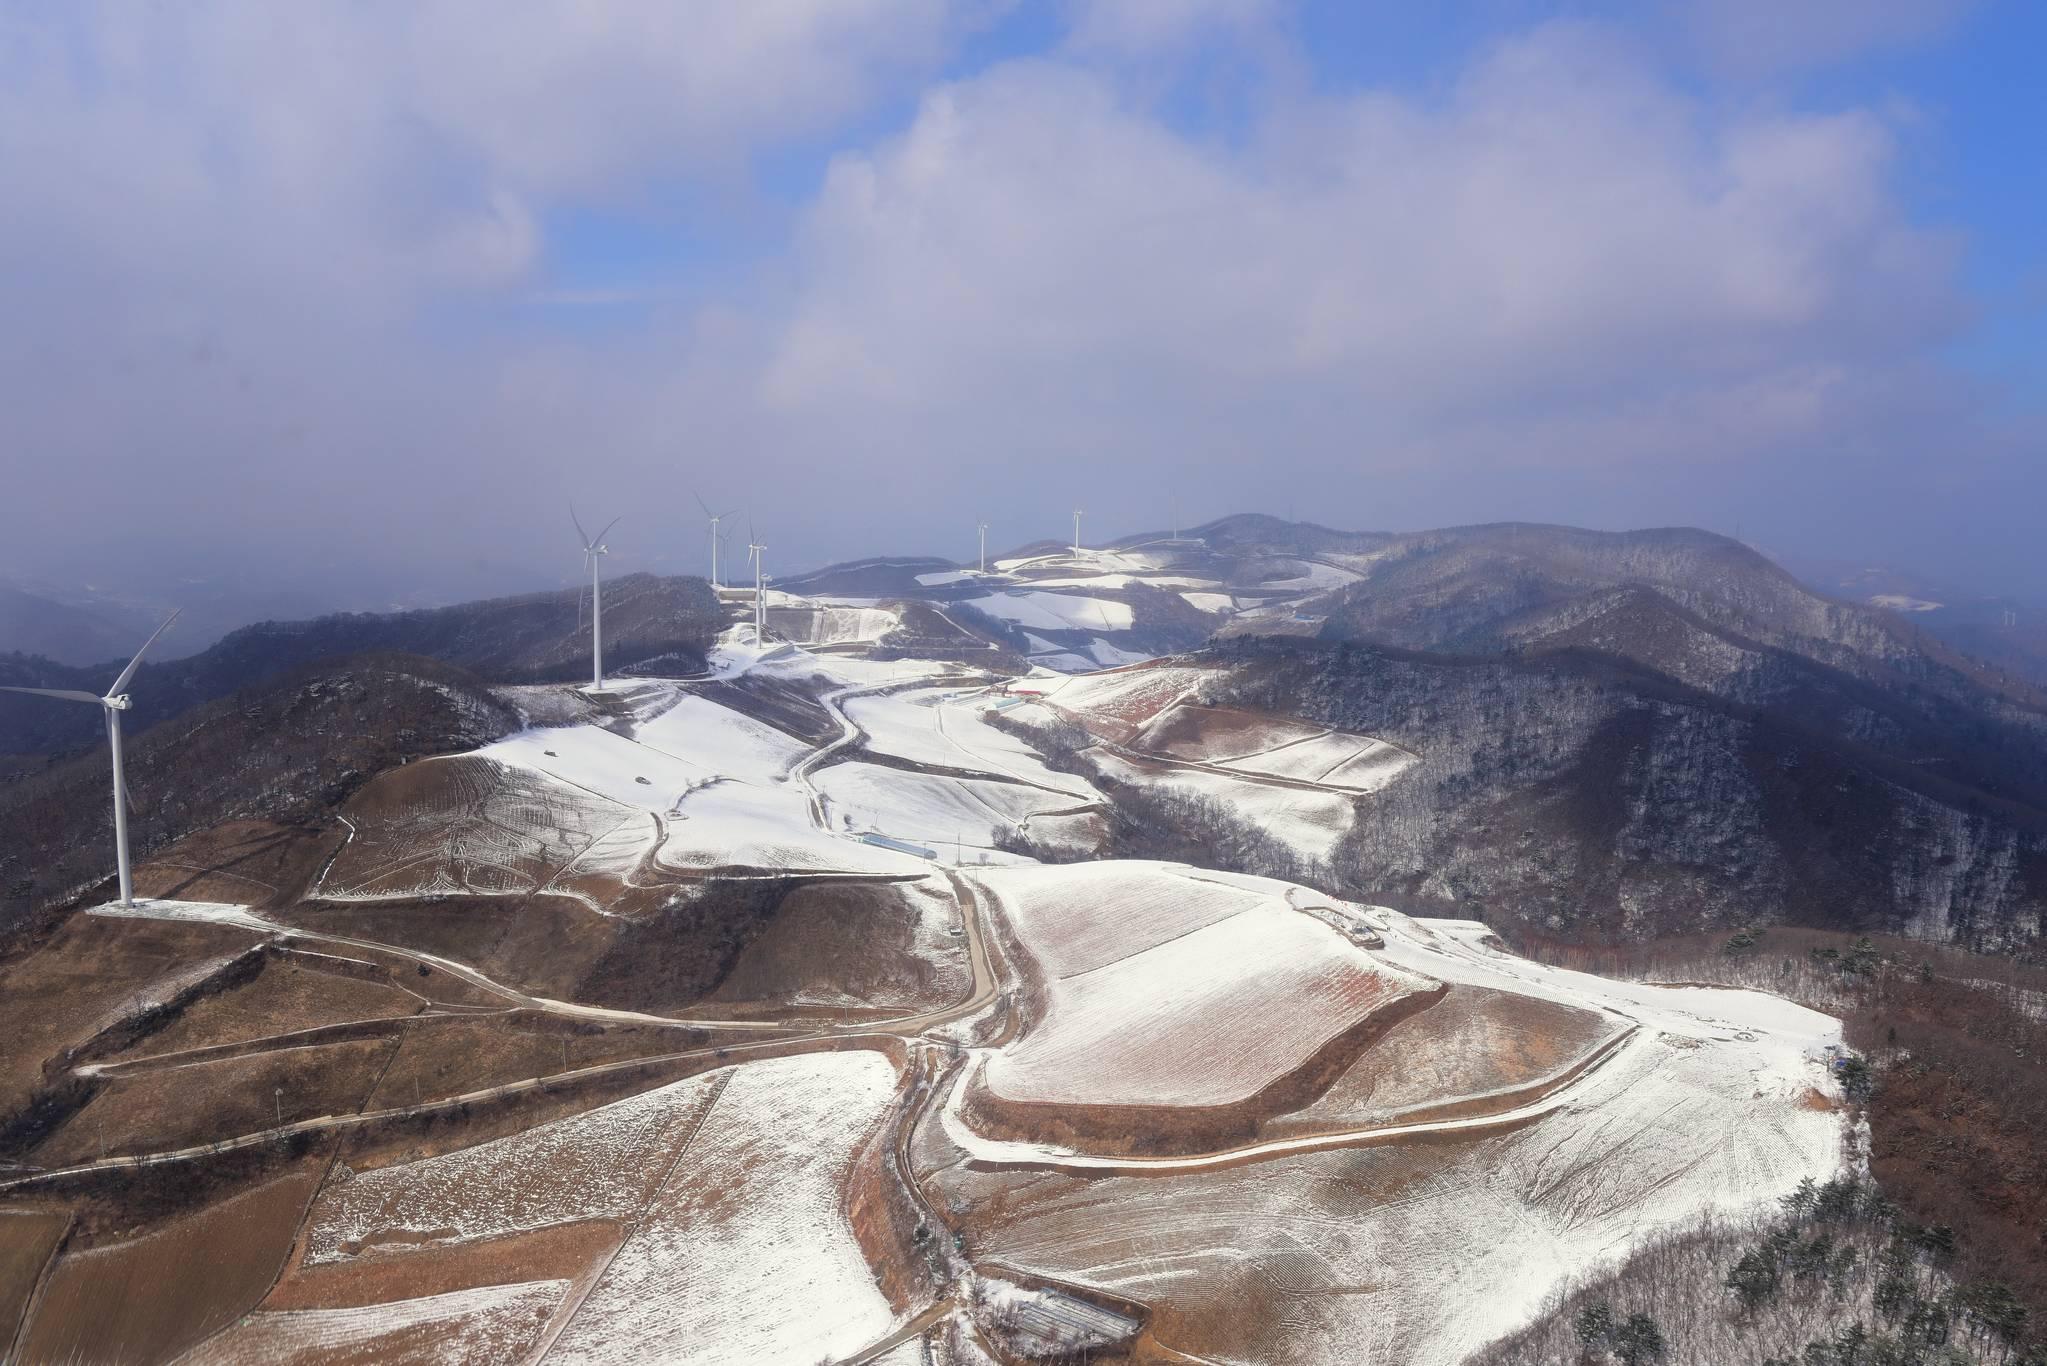 강원도 평창군의 고루포기산에 자리잡은 풍력발전단지 [사진 국립산림과학원]